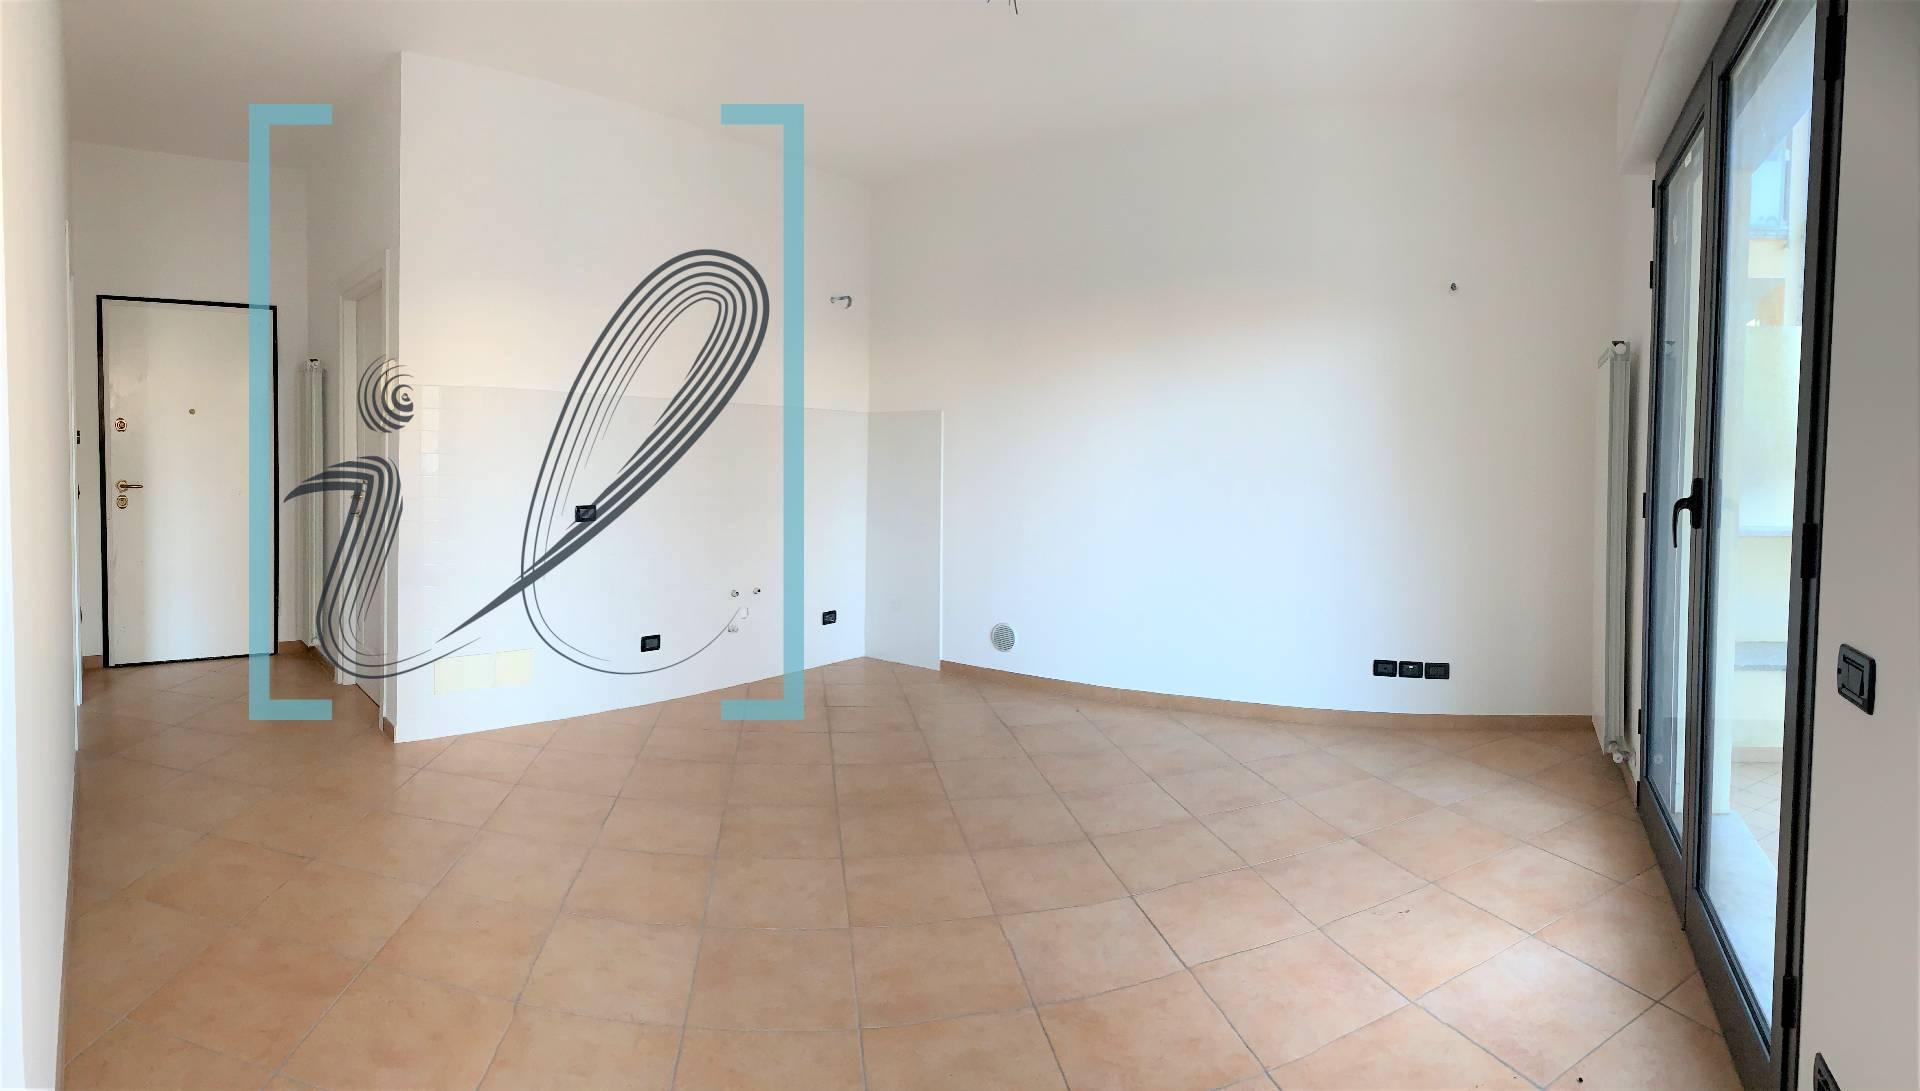 Appartamento in vendita a Albenga, 2 locali, zona Località: Centro, prezzo € 160.000 | PortaleAgenzieImmobiliari.it